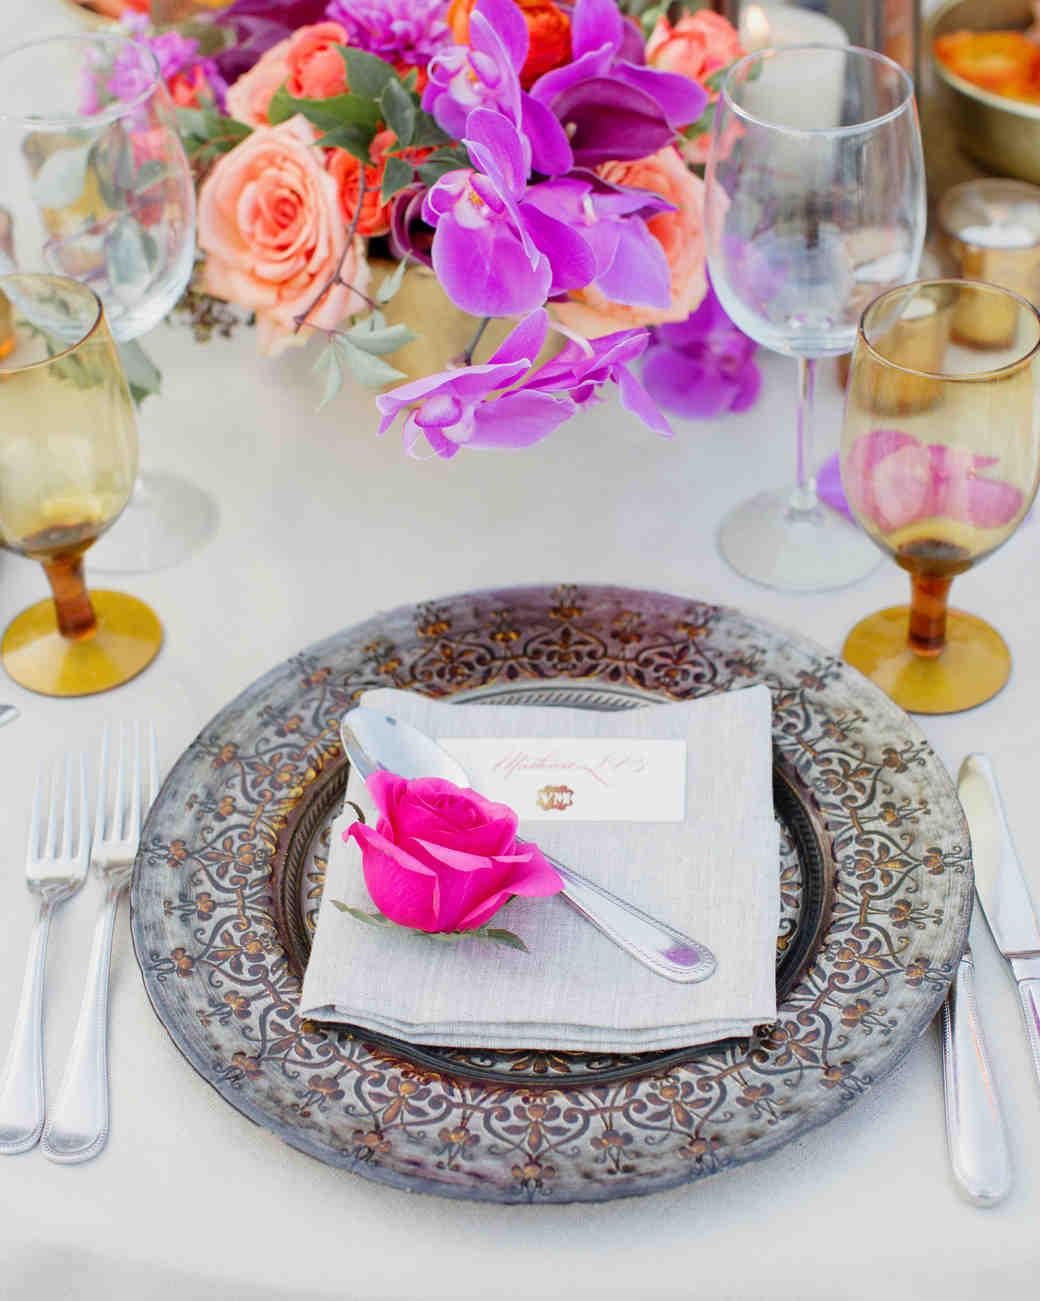 18 Creative Ways to Set Your Reception Tables | Martha Stewart Weddings  sc 1 st  Martha Stewart Weddings & 18 Creative Ways to Set Your Reception Tables | Martha Stewart ...